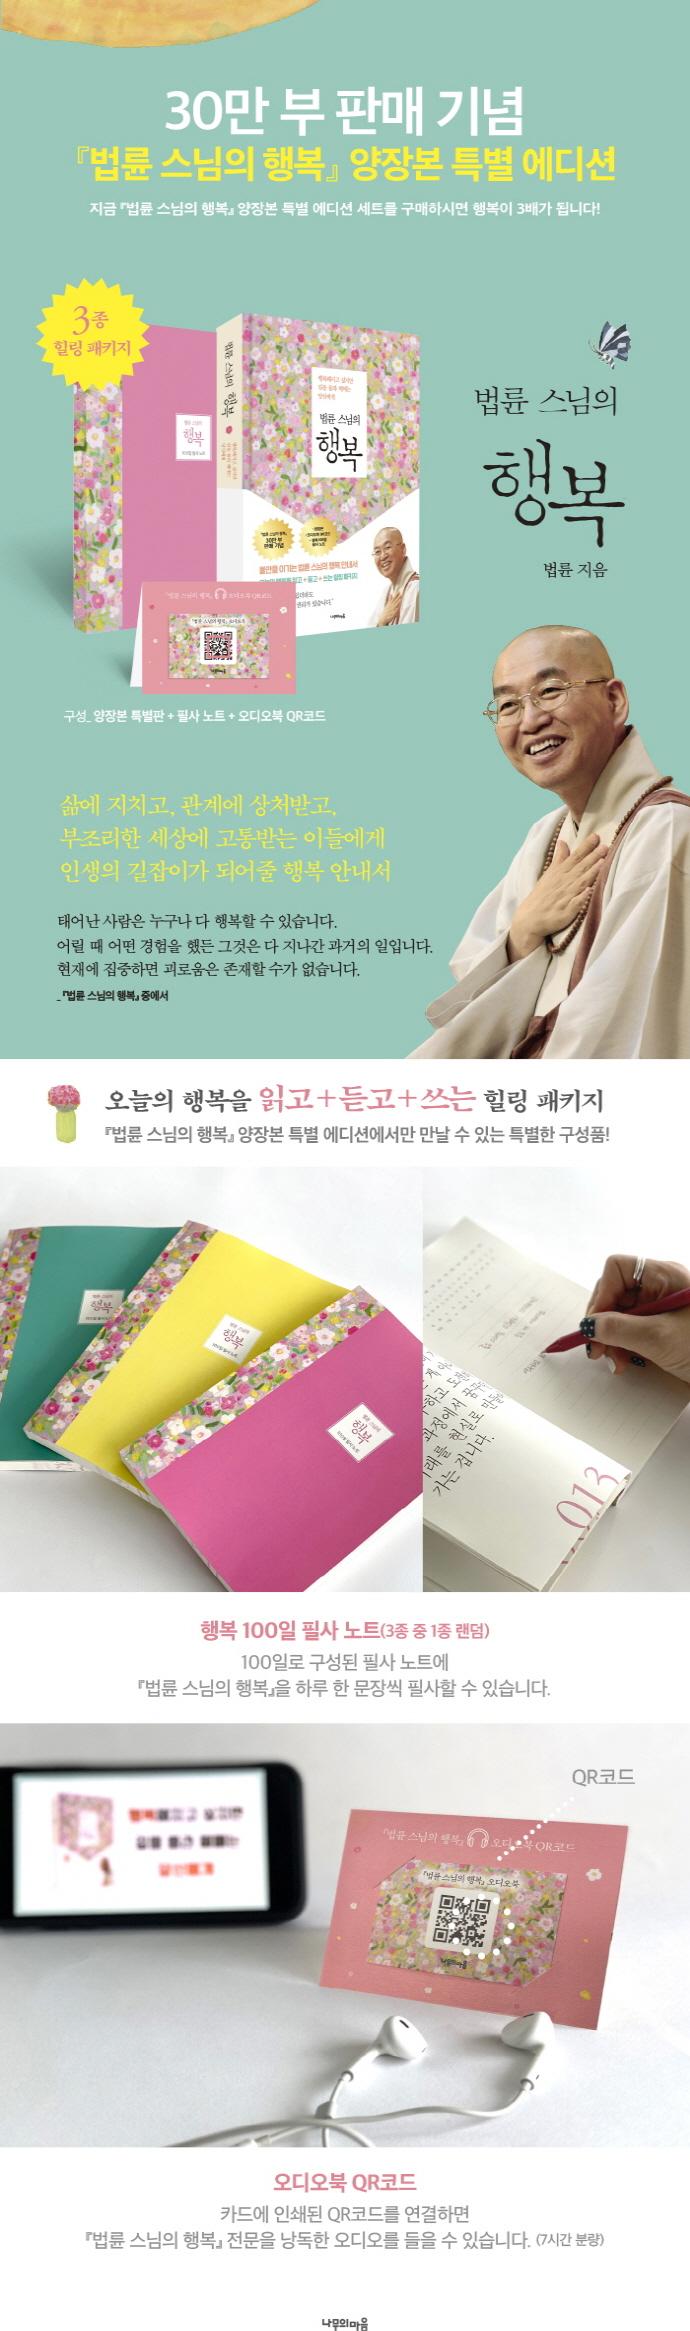 법륜 스님의 행복(특별 에디션)(양장본 HardCover) 도서 상세이미지